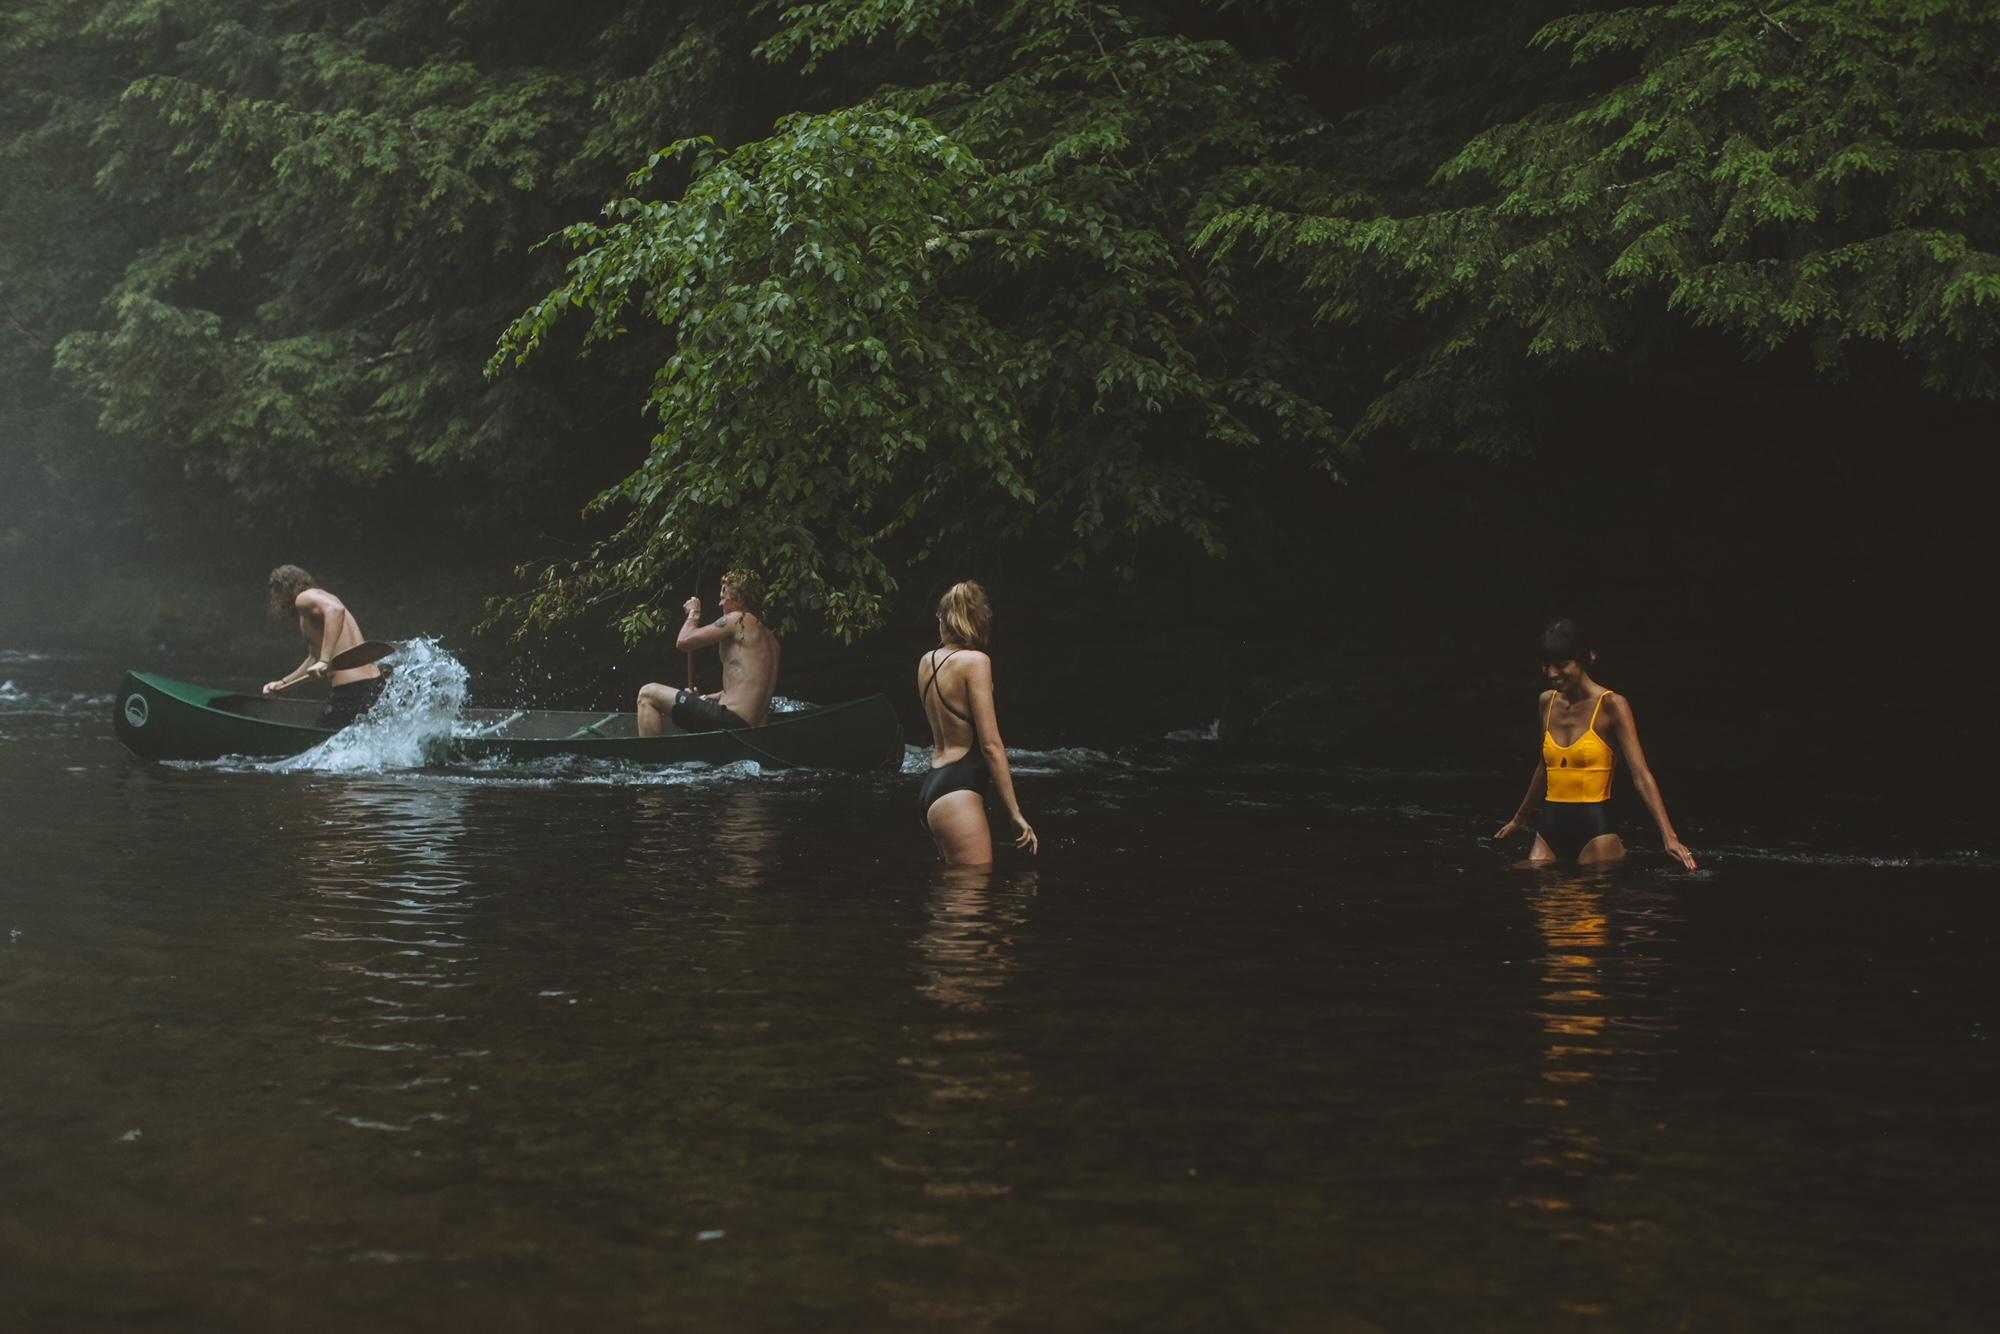 friends in water.JPG